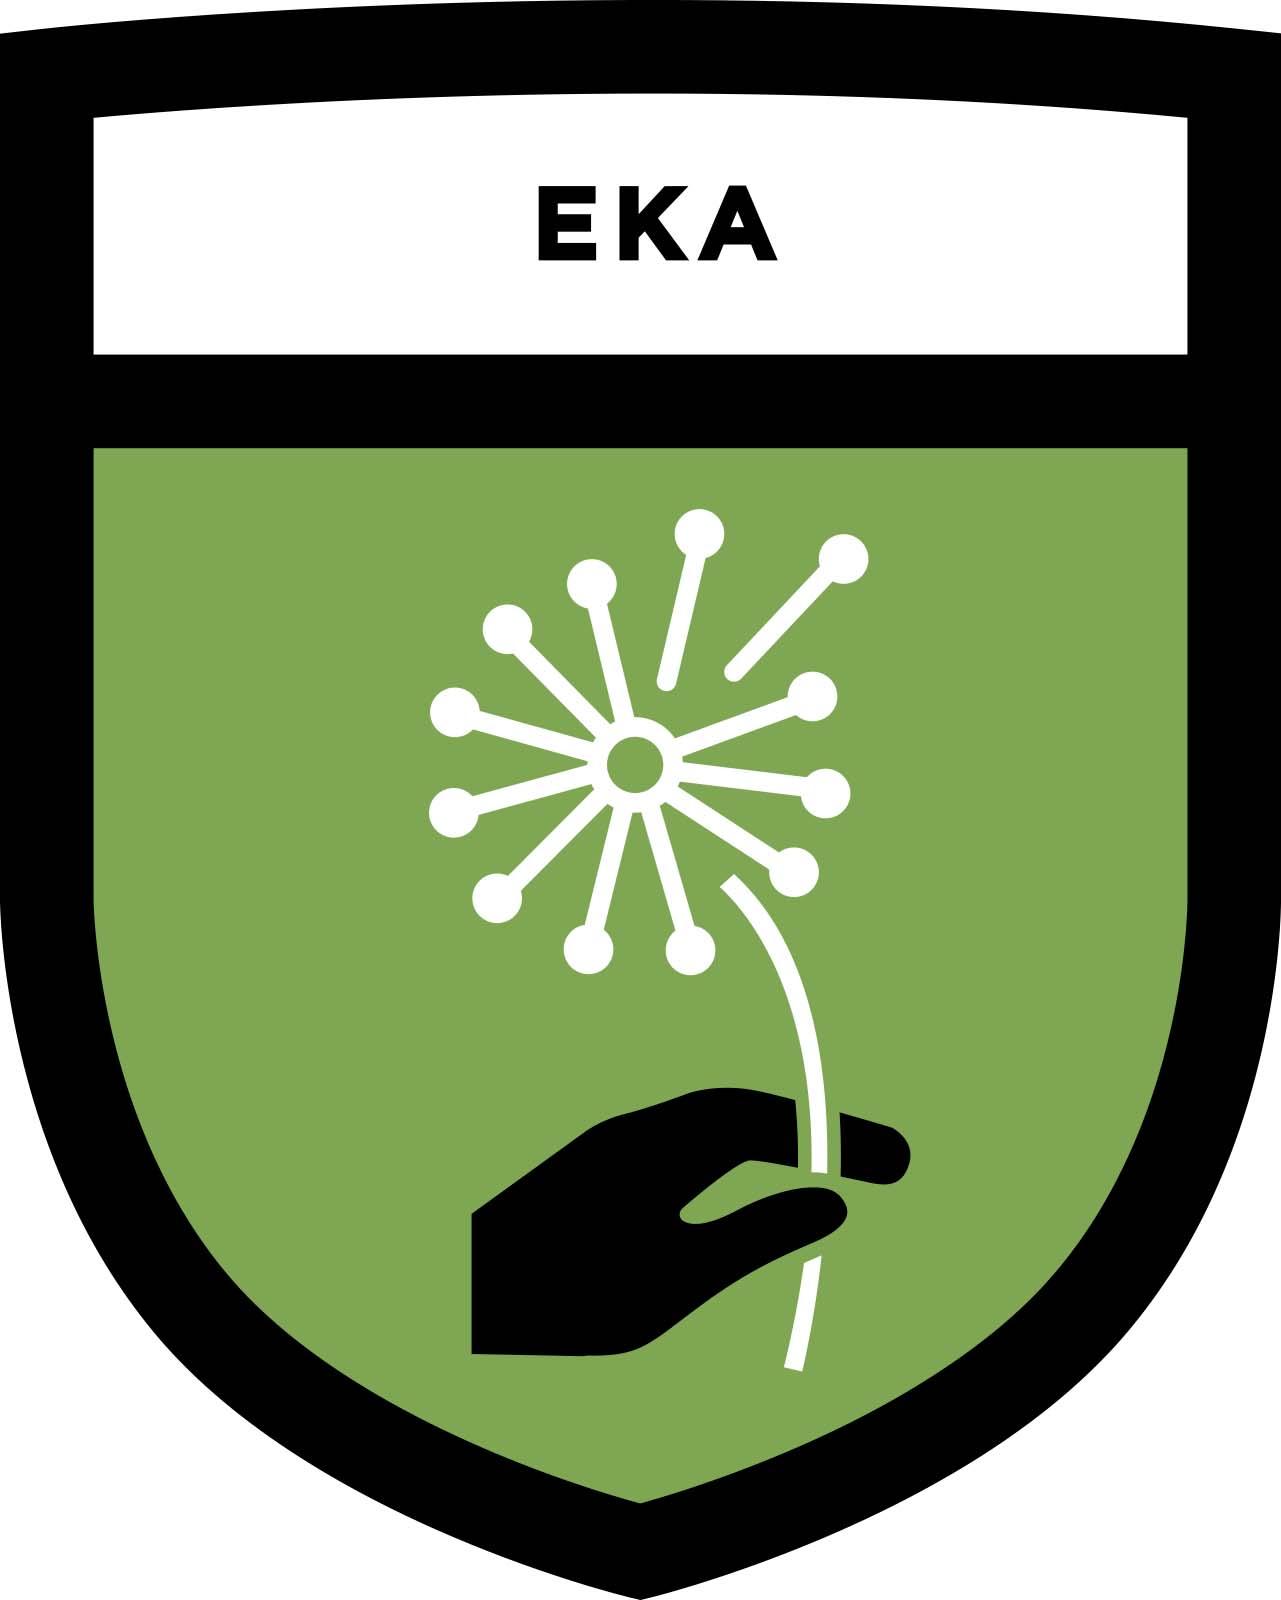 Eka Shield